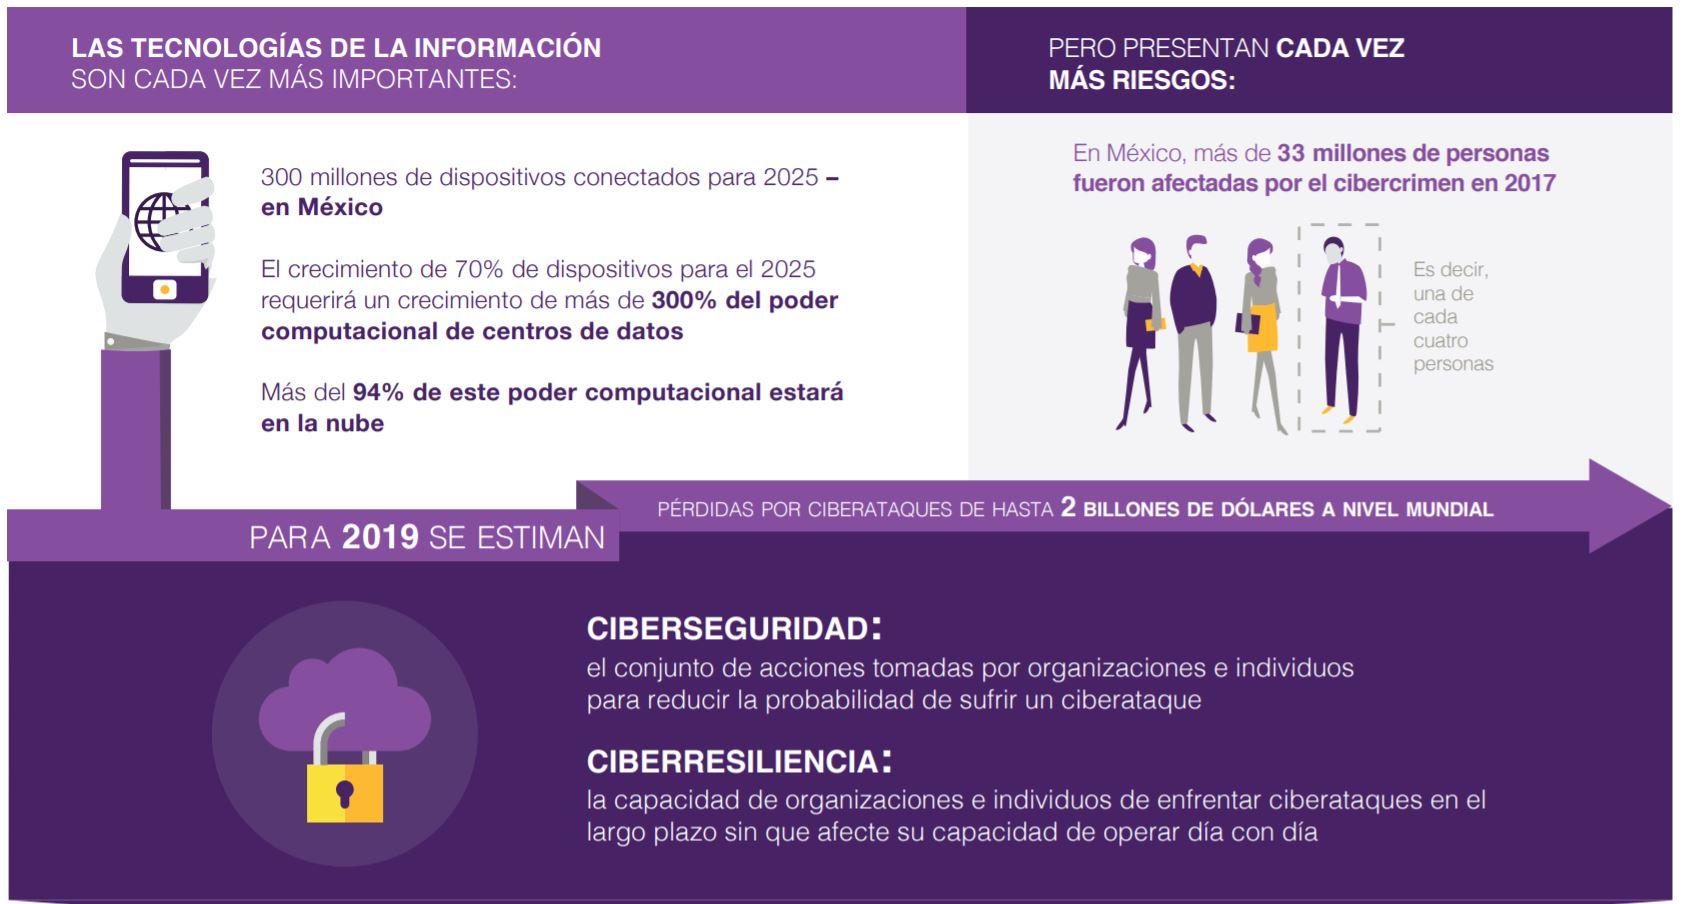 Personas afectadas en México por el cibercrimen